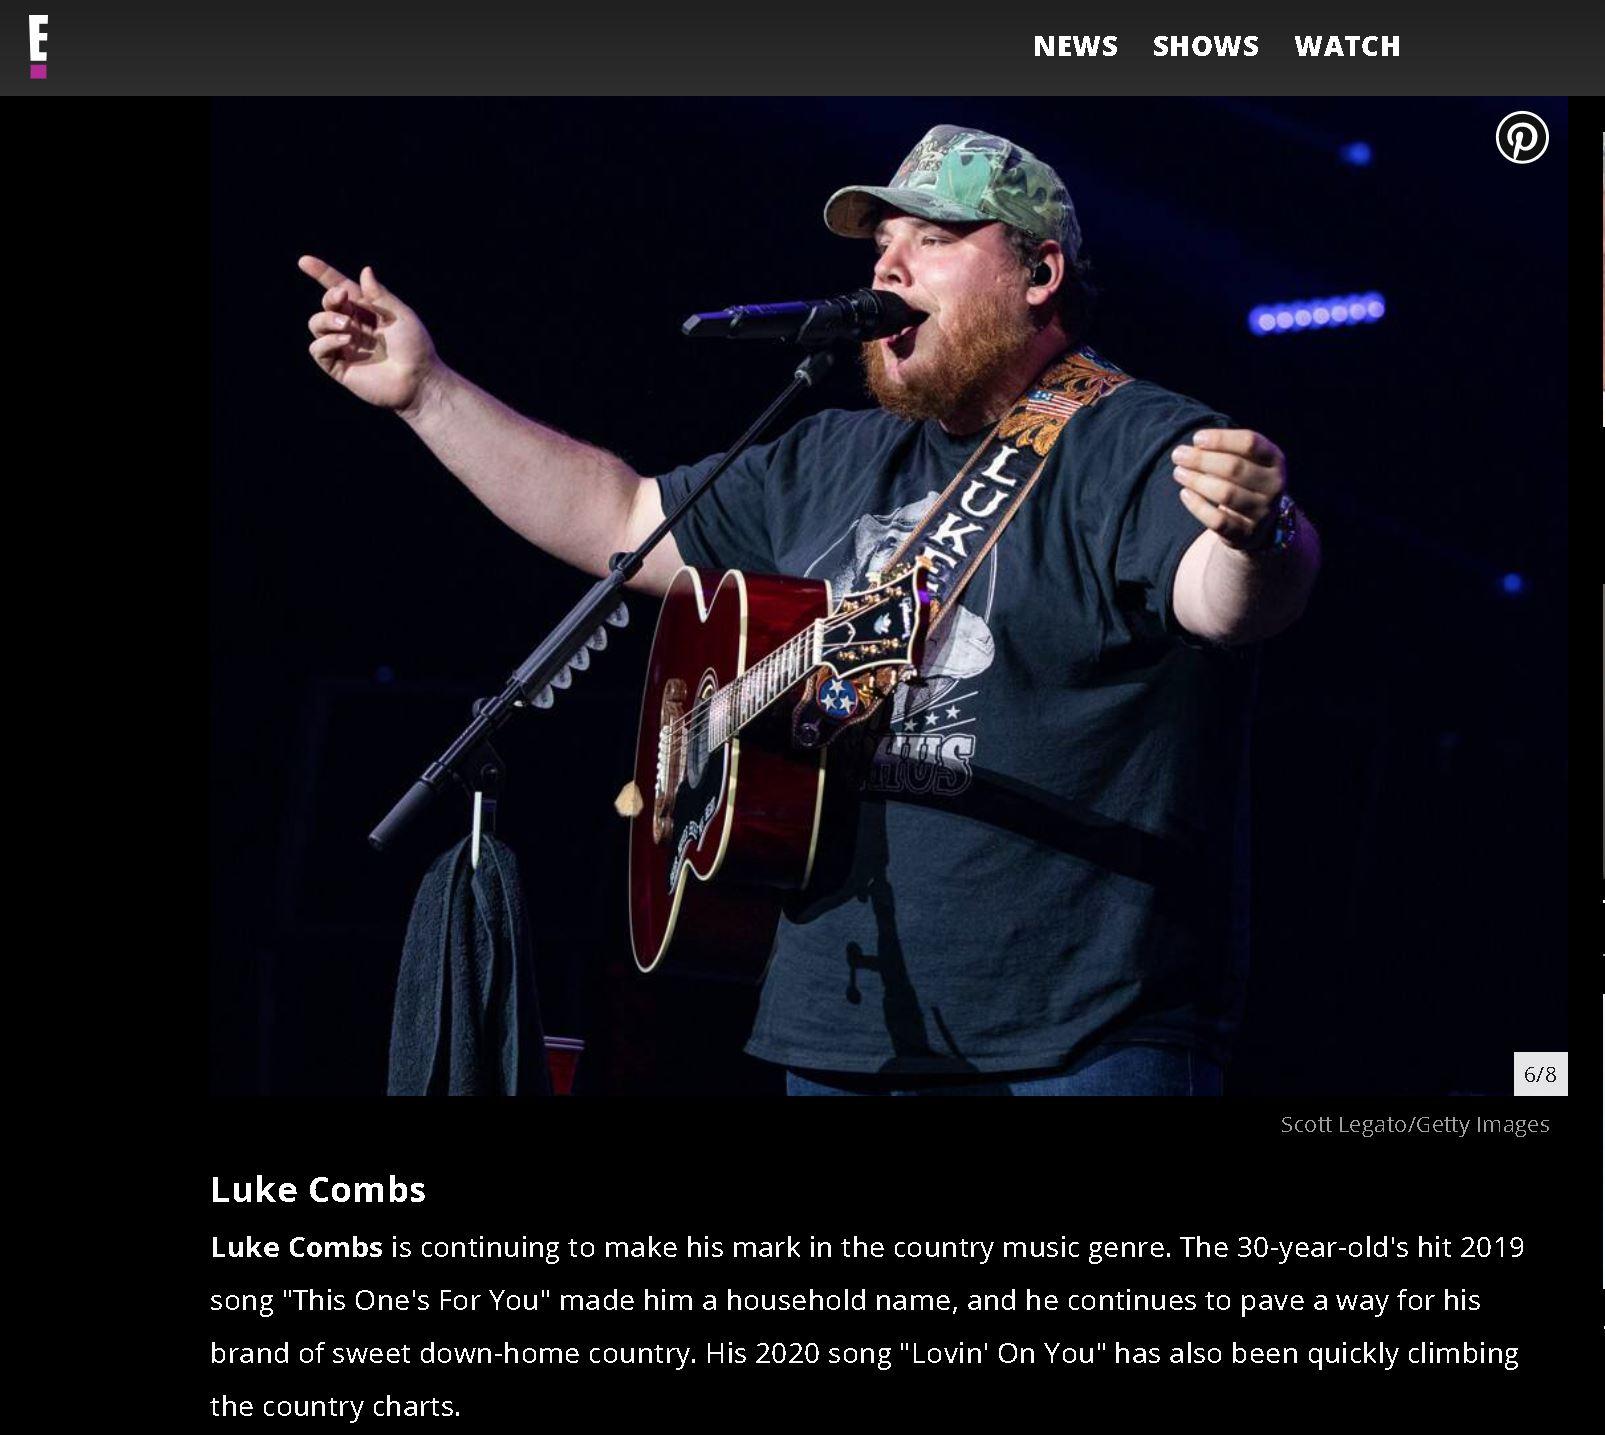 Luke combs - E-Online